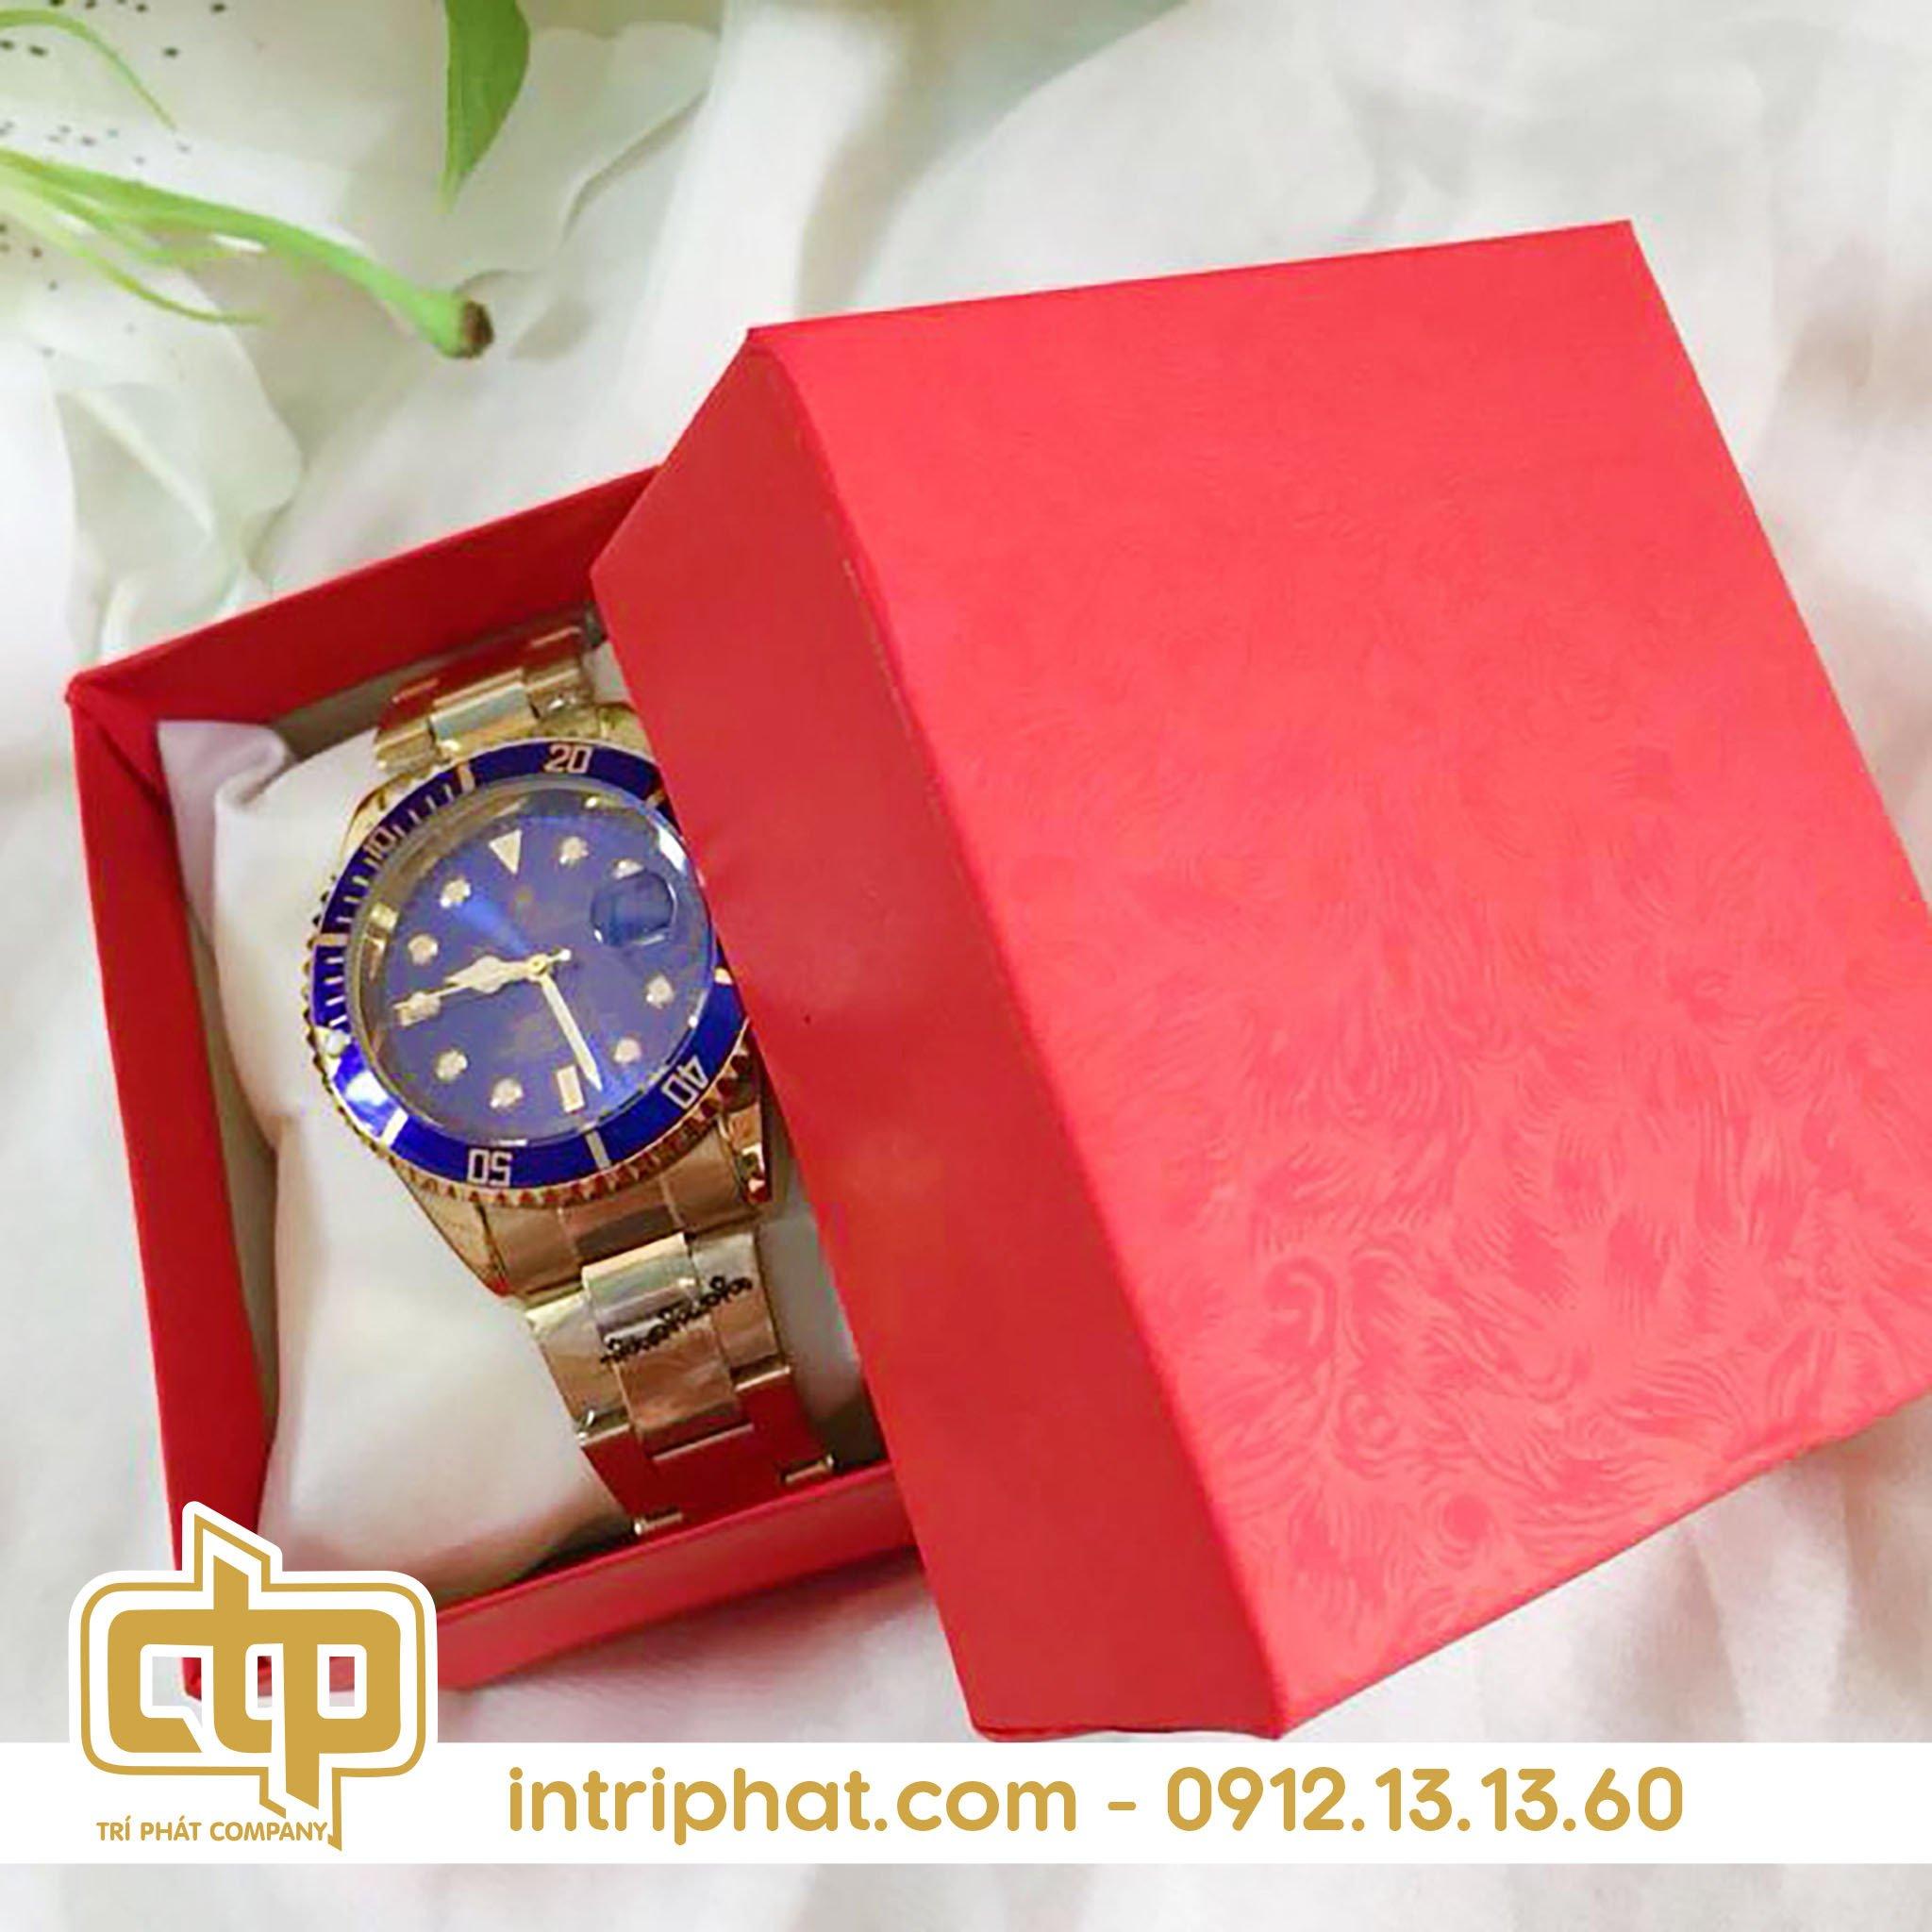 Mẫu hộp giấy đẹp đựng đồng hồ cao cấp